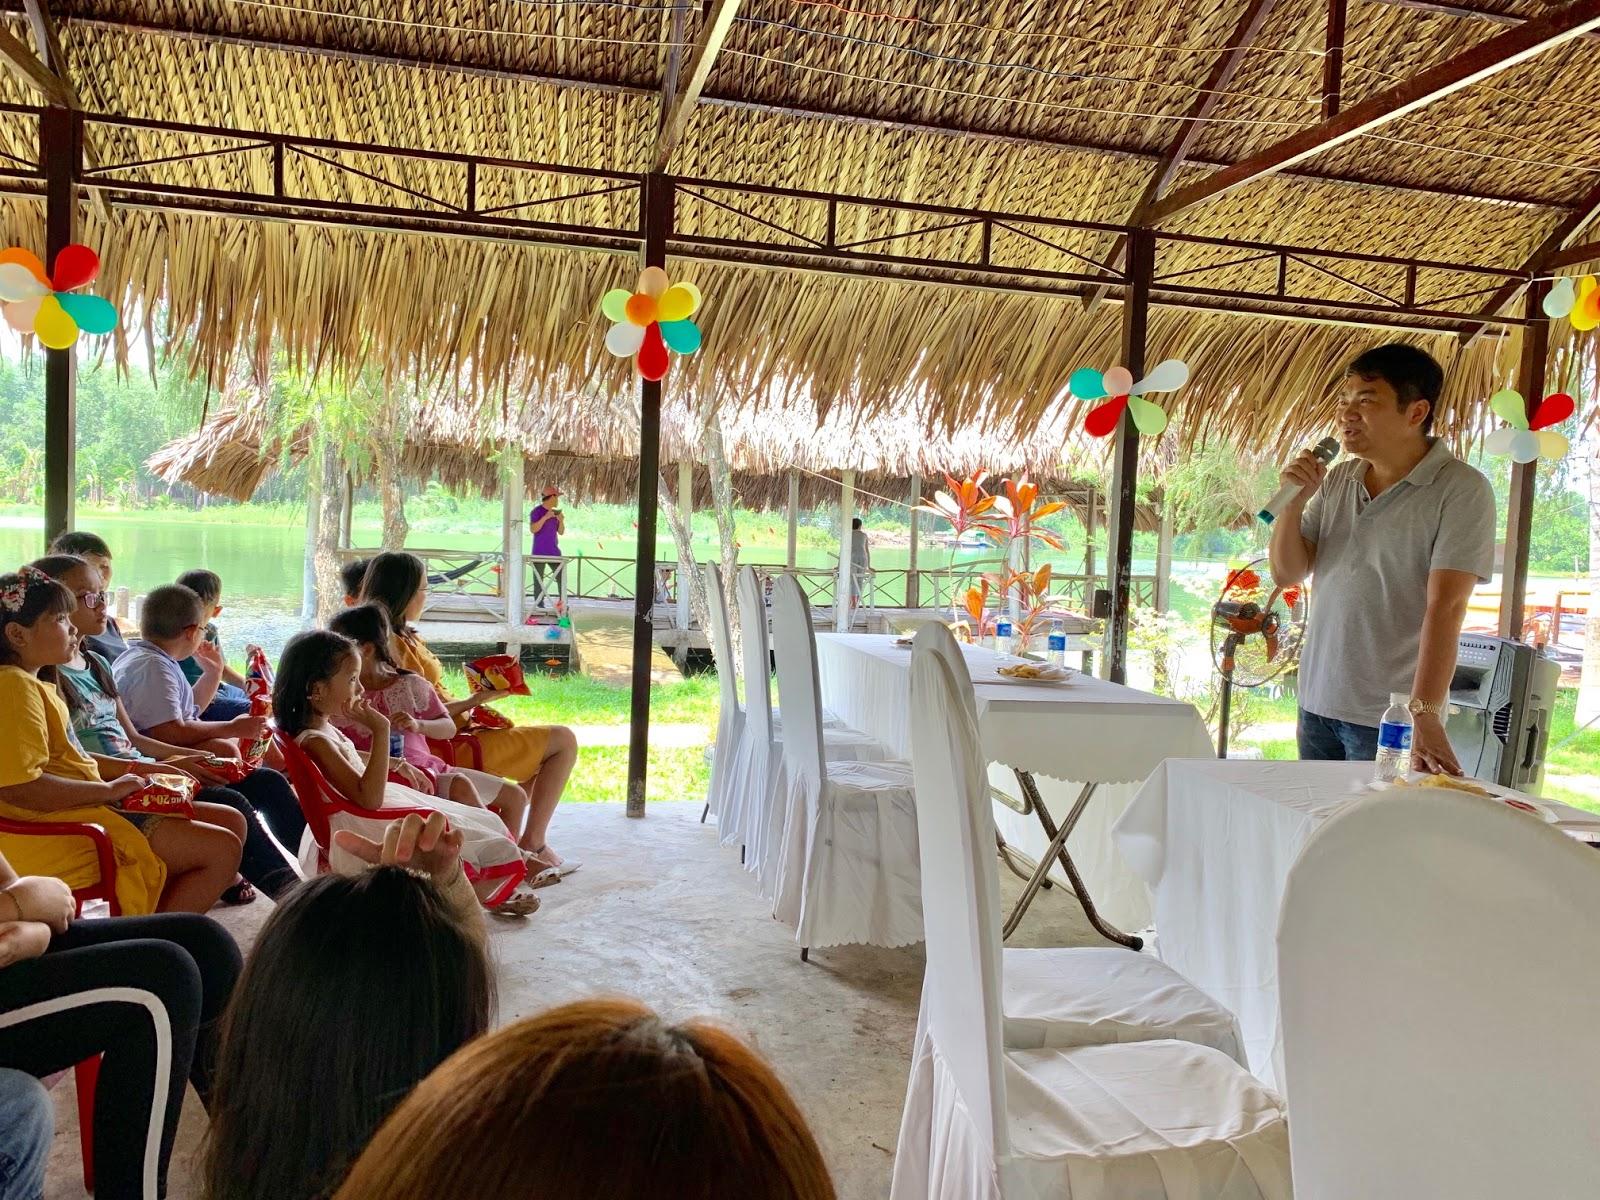 Thép Bắc Việt khen thưởng con CBCNV đạt thành tích cao trong năm học 2018-2019